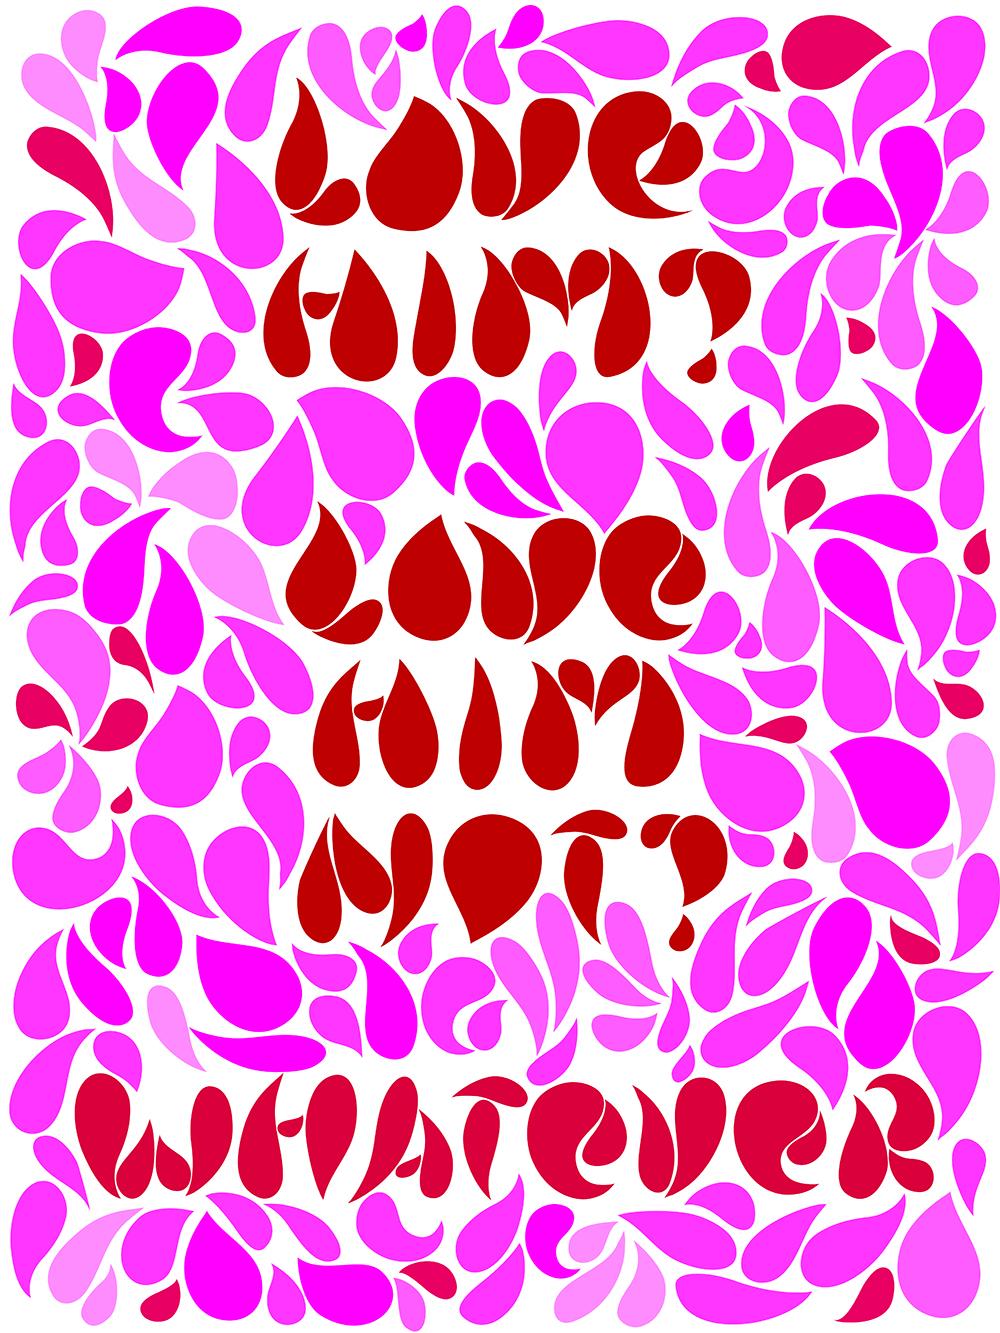 LOVE-2010.jpg